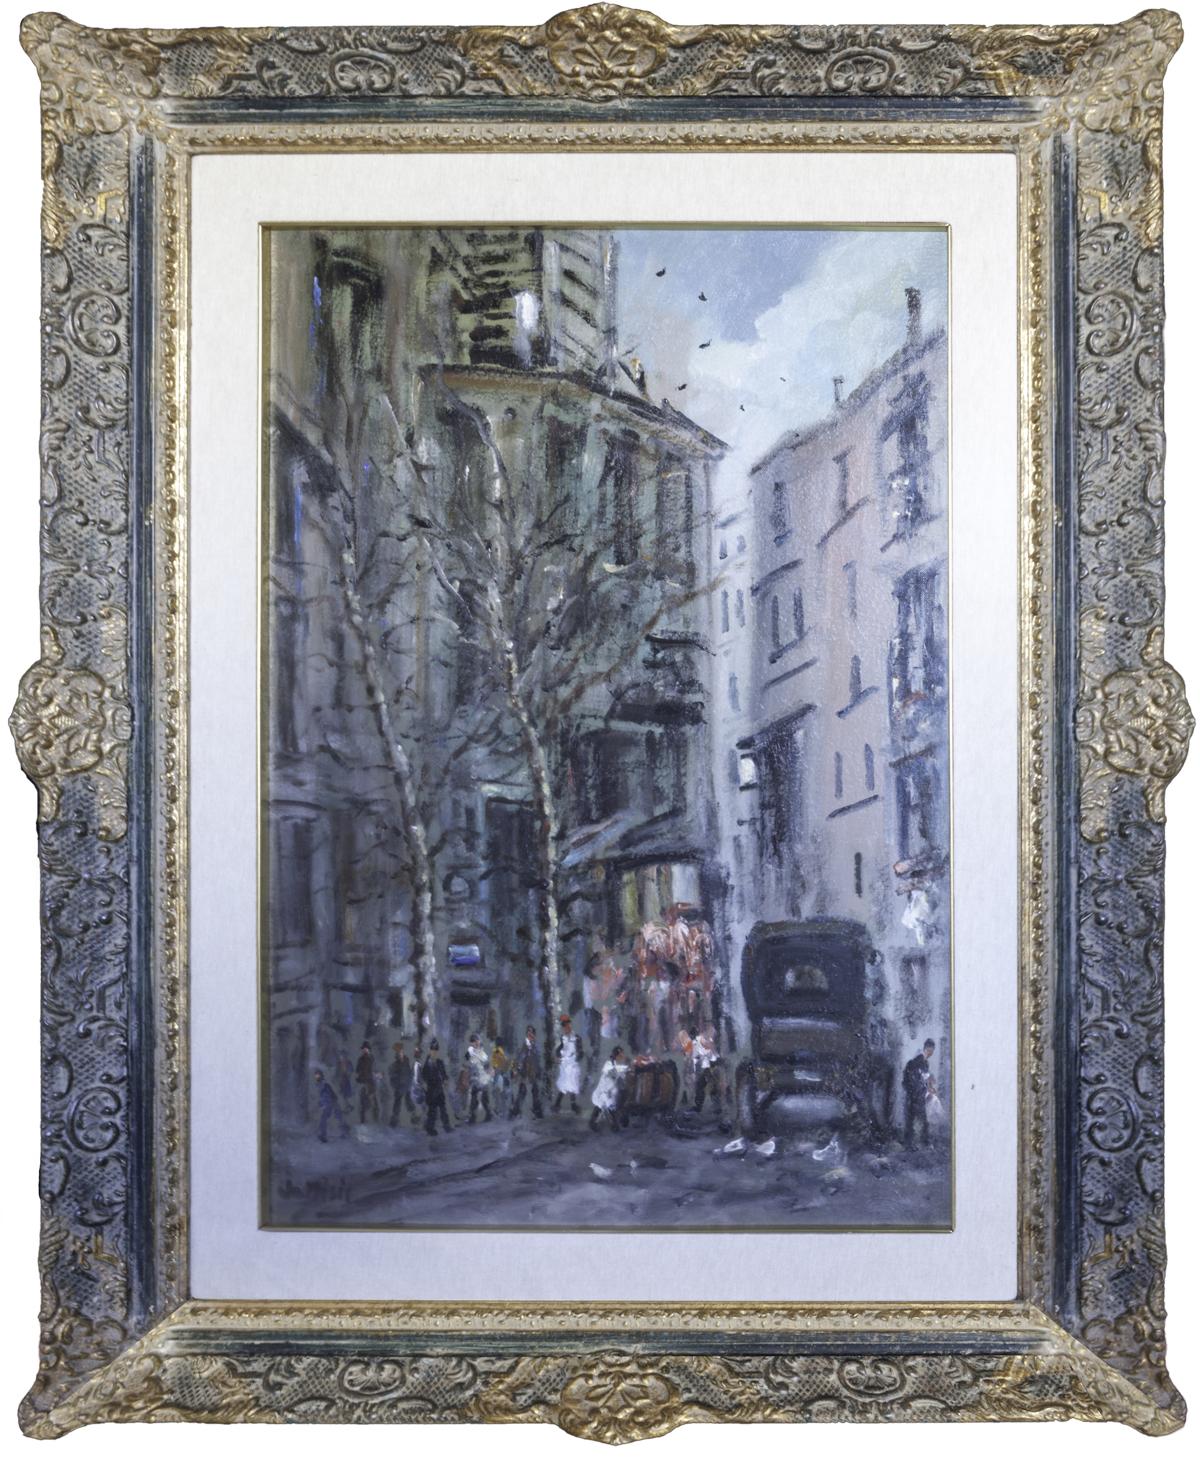 Filippo de pisis veduta di parigi vendere quadri for Quadri di parigi